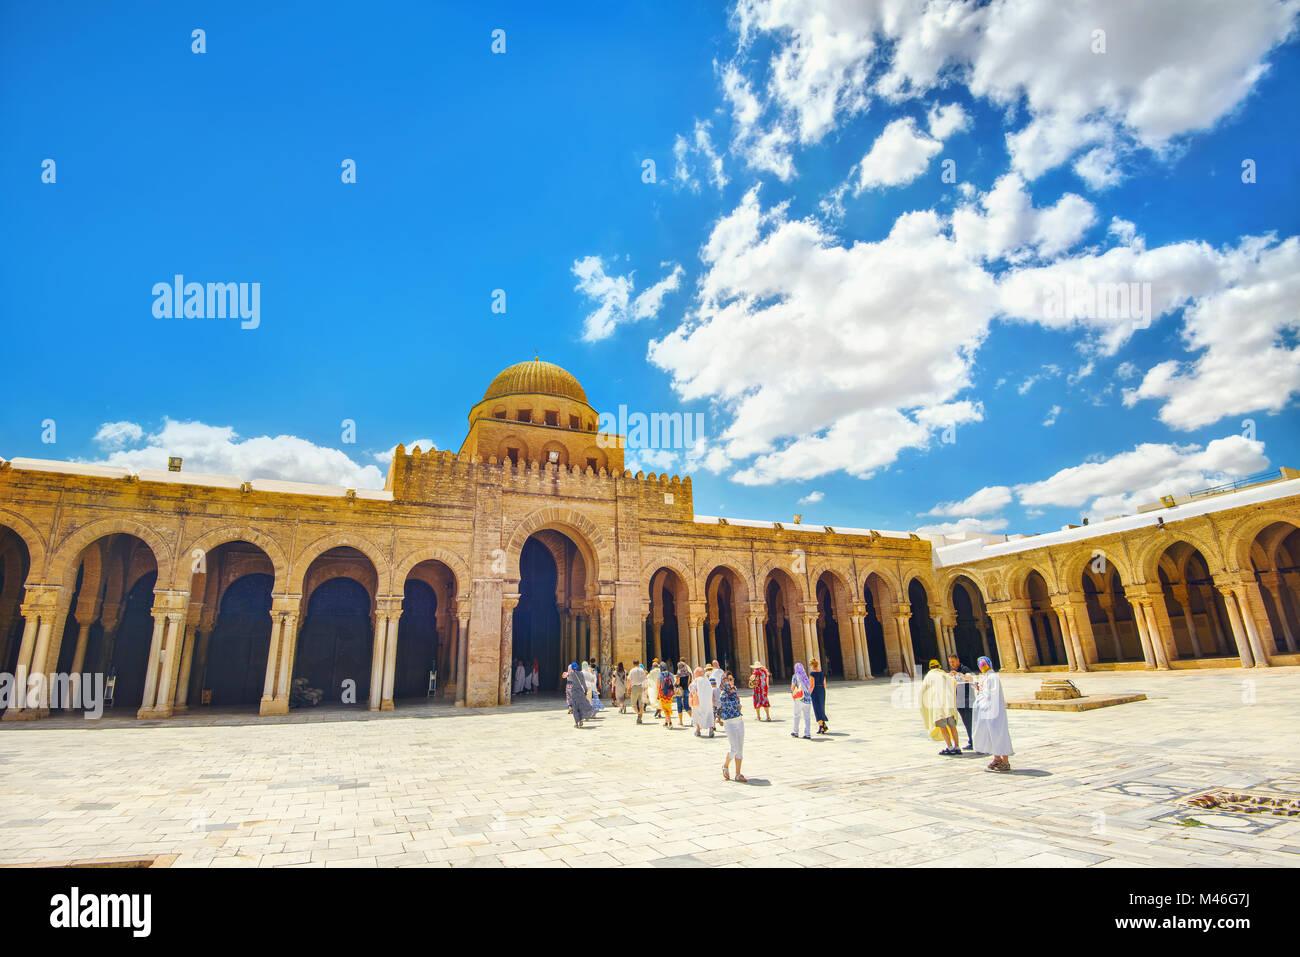 Touristische Gruppe Sehenswürdigkeiten die Große Moschee (Sidi Oqba) von Kairouan, die heilige Stadt des Stockbild